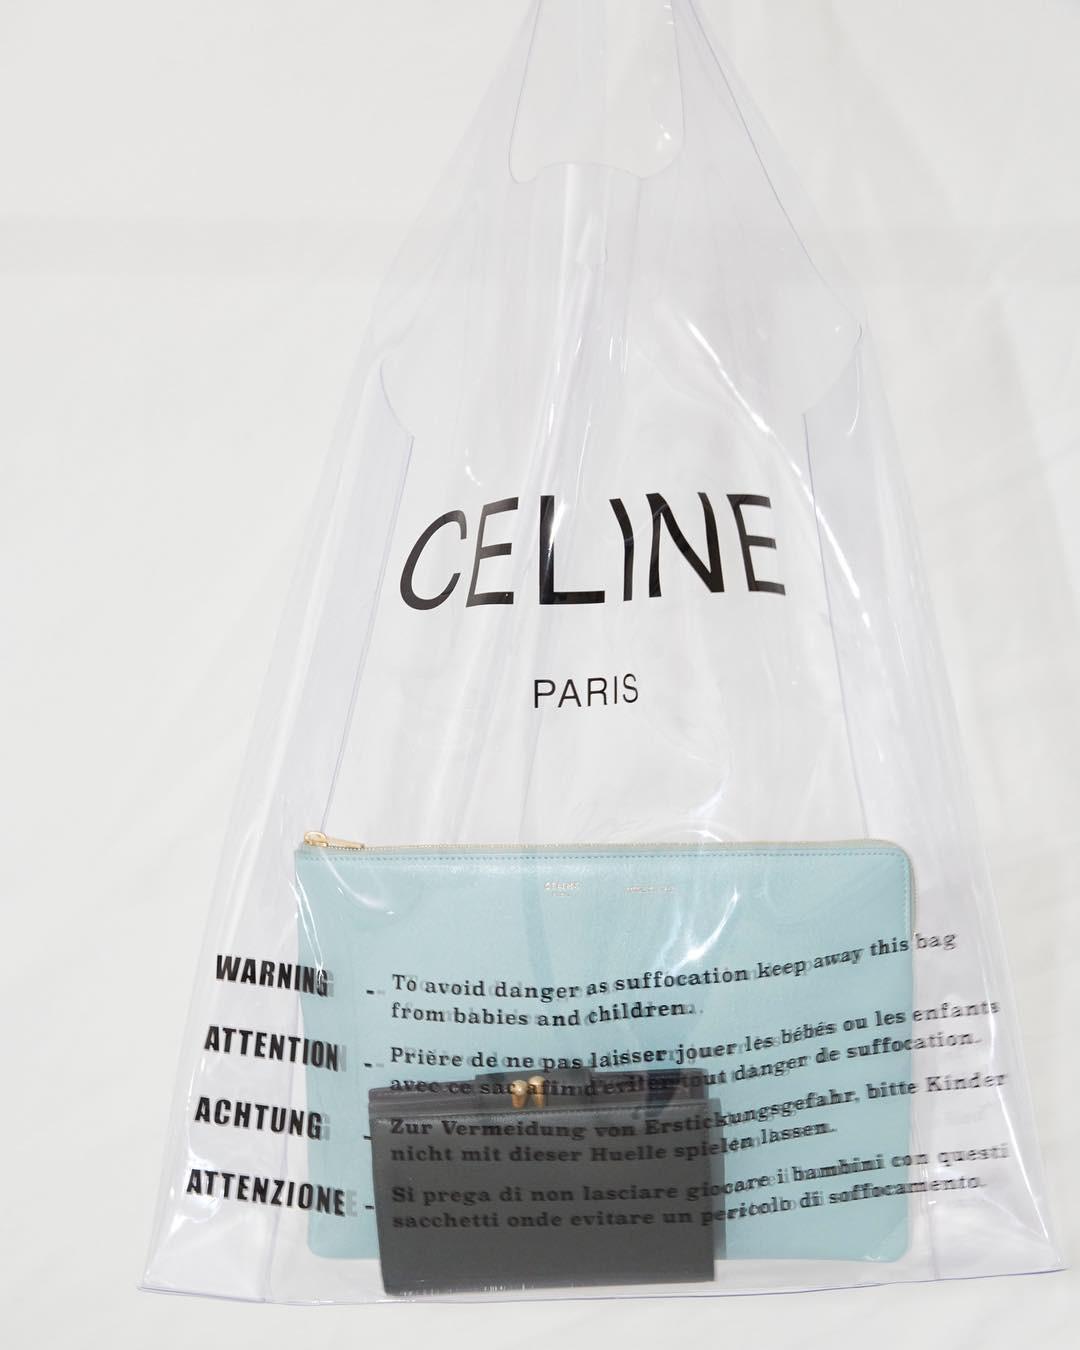 Trông hệt như túi nilon đi chợ nhưng túi nhựa trong có giá hơn 20 triệu của Celine đang được các tín đồ thời trang thích điên cuồng - Ảnh 3.